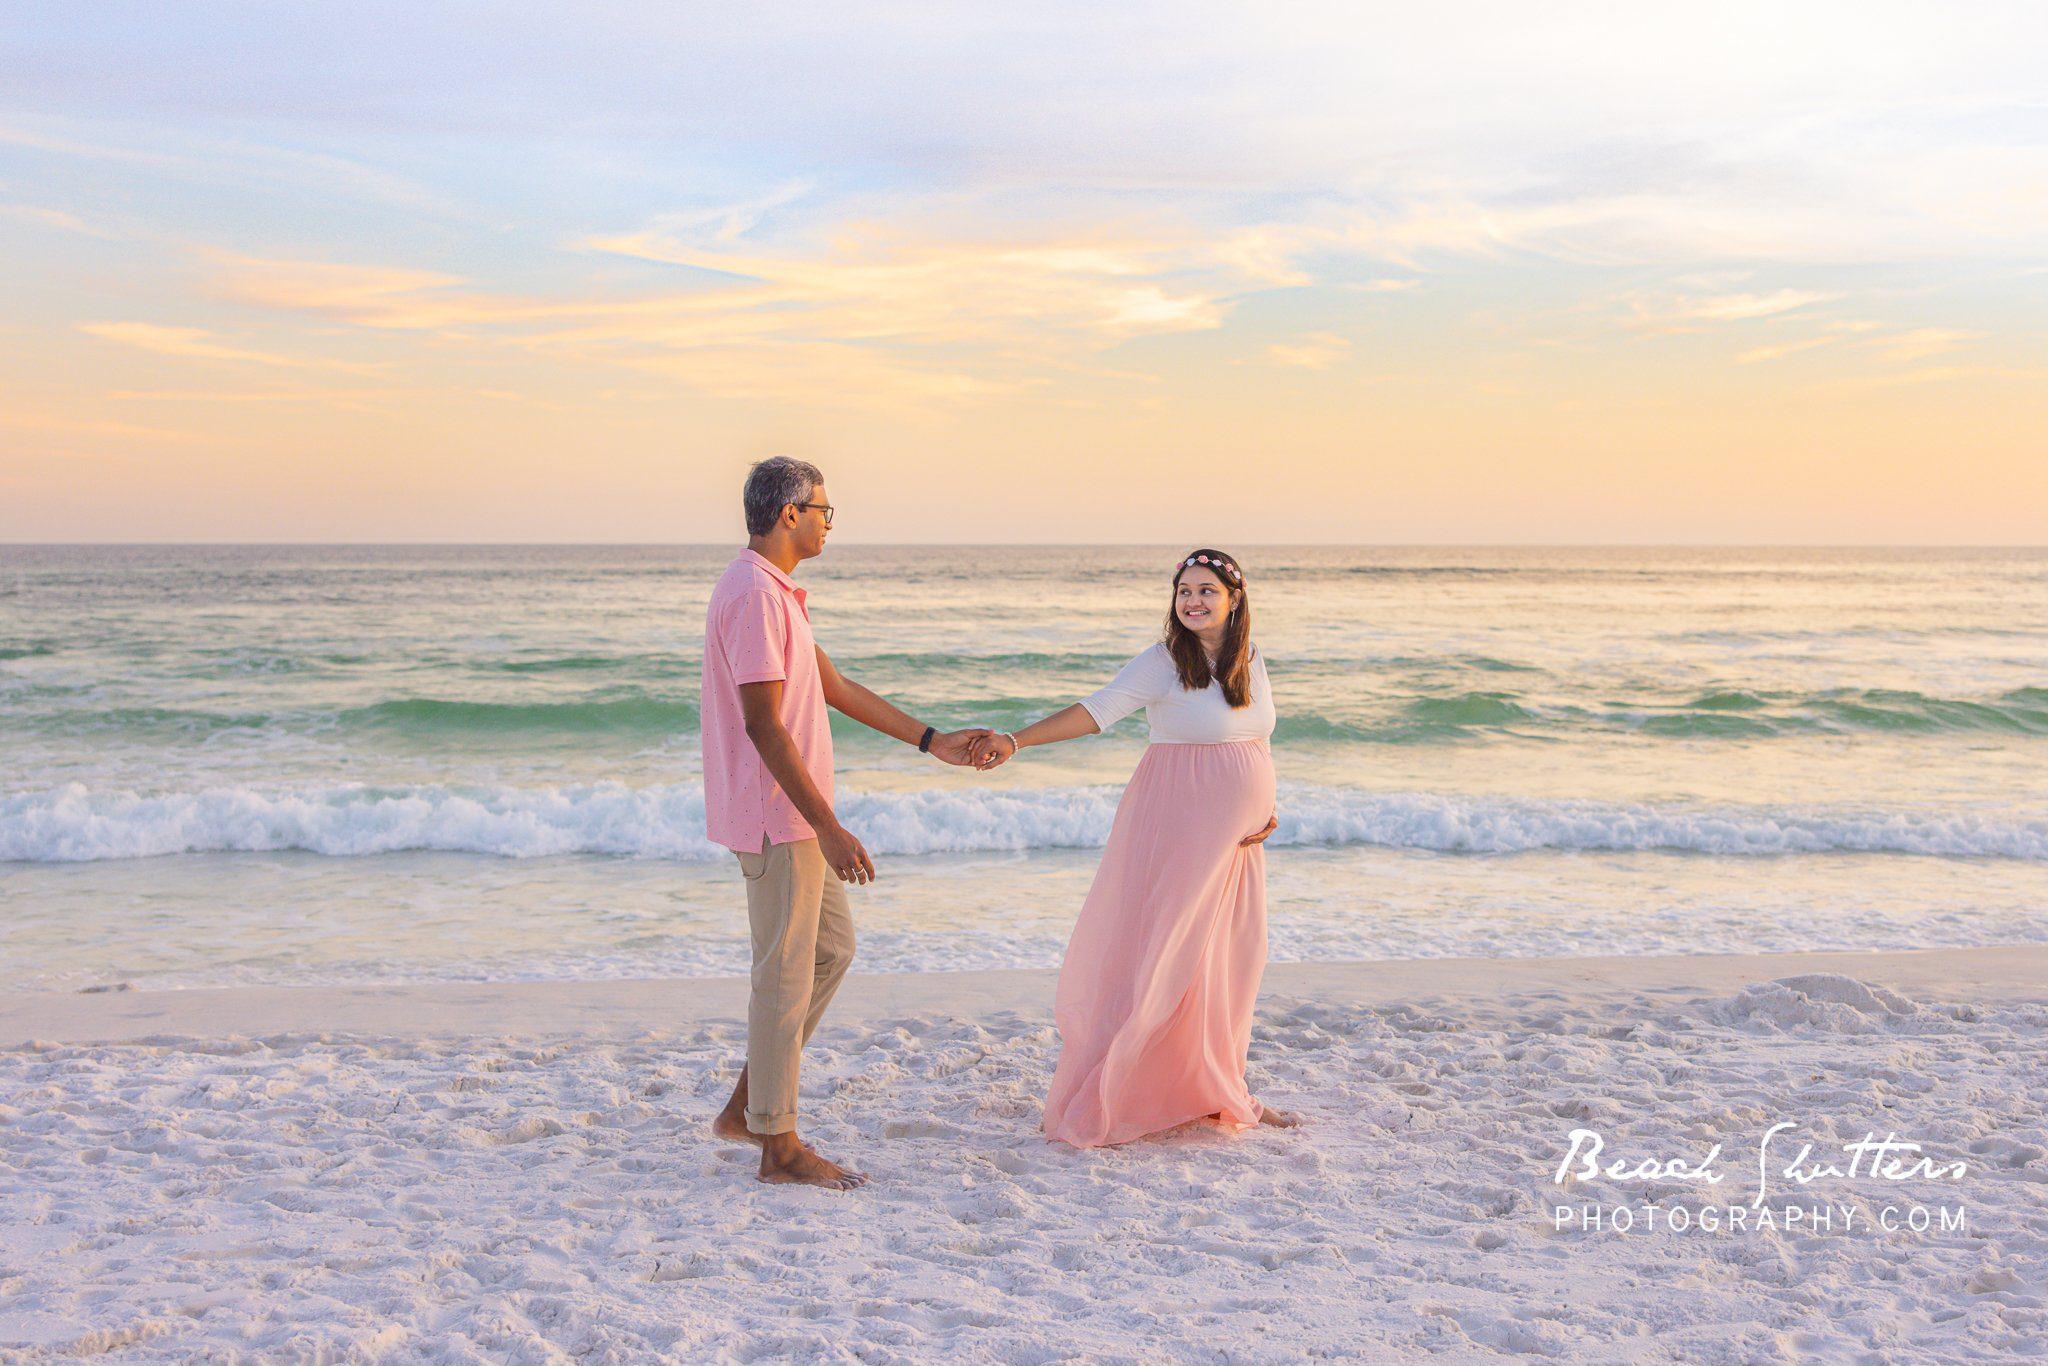 Maternity photos at the beach